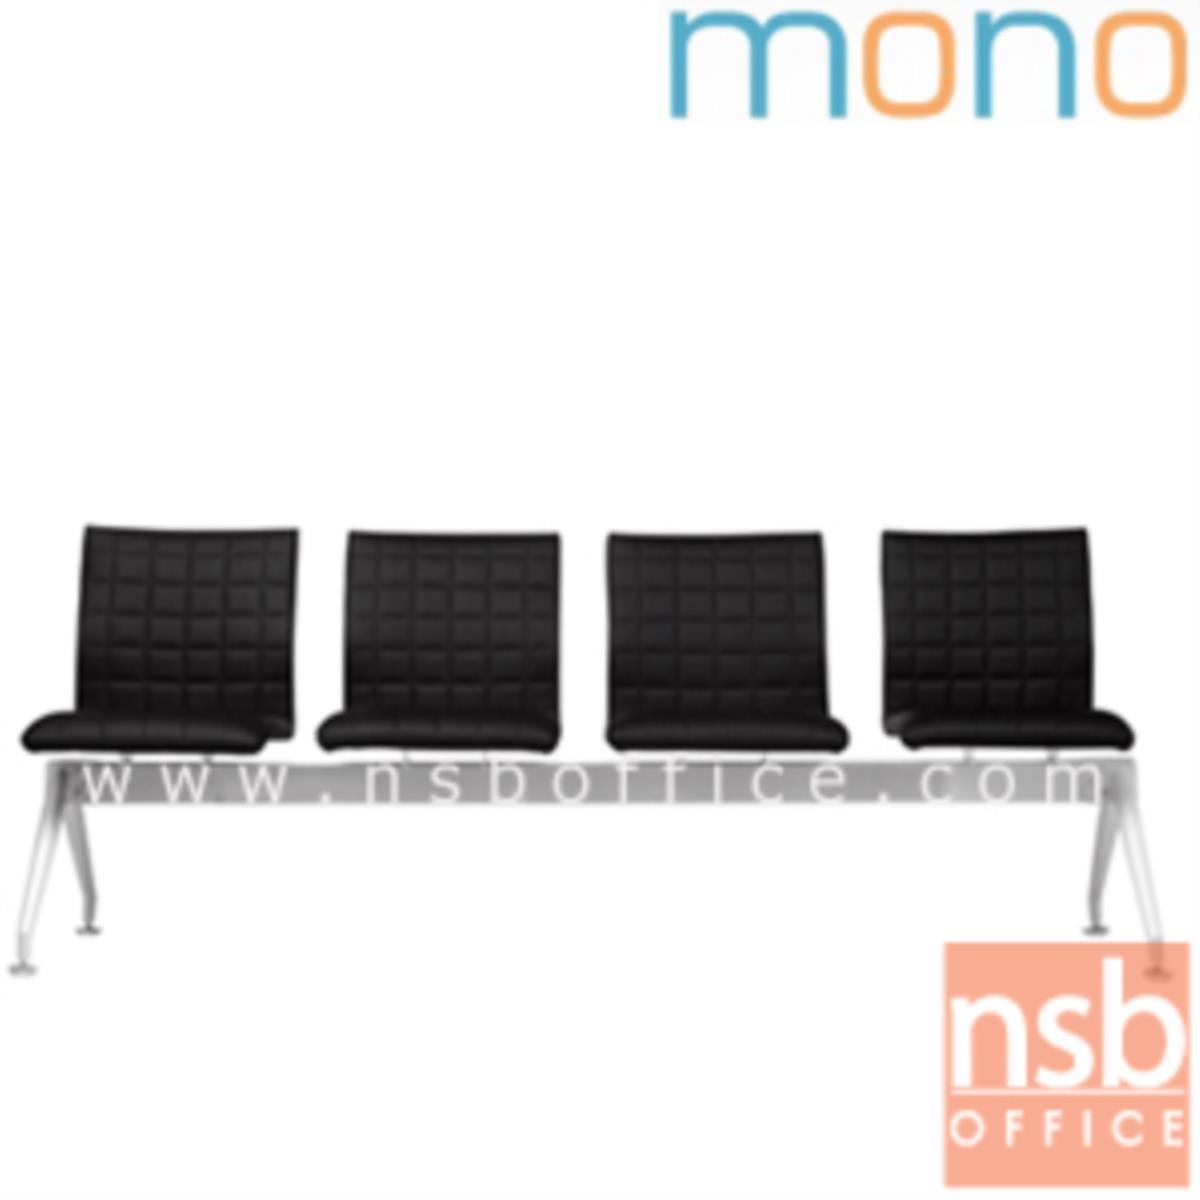 B06A115:เก้าอี้นั่งคอยหุ้มหนังเทียม รุ่น PO Series 2 ,3 ,4 ที่นั่ง ขนาด 97W ,147W ,190W cm. ขาเหล็ก